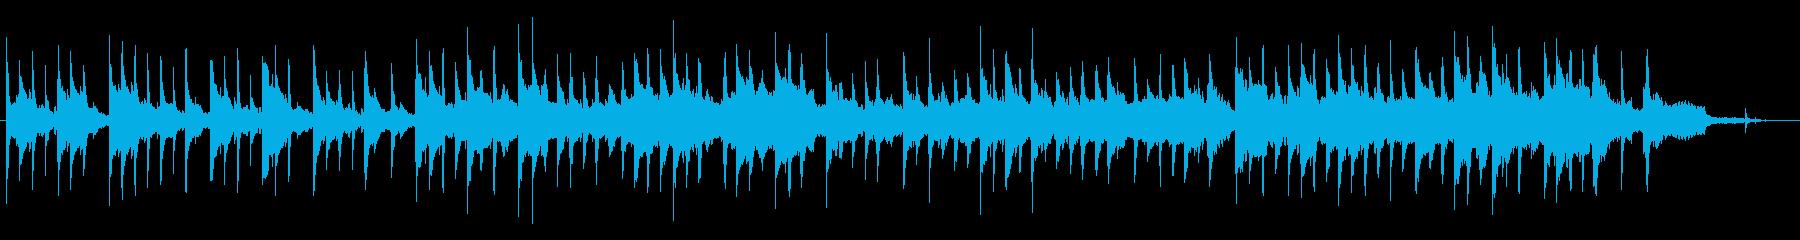 時計の音とフェルトピアノの優しいバラードの再生済みの波形